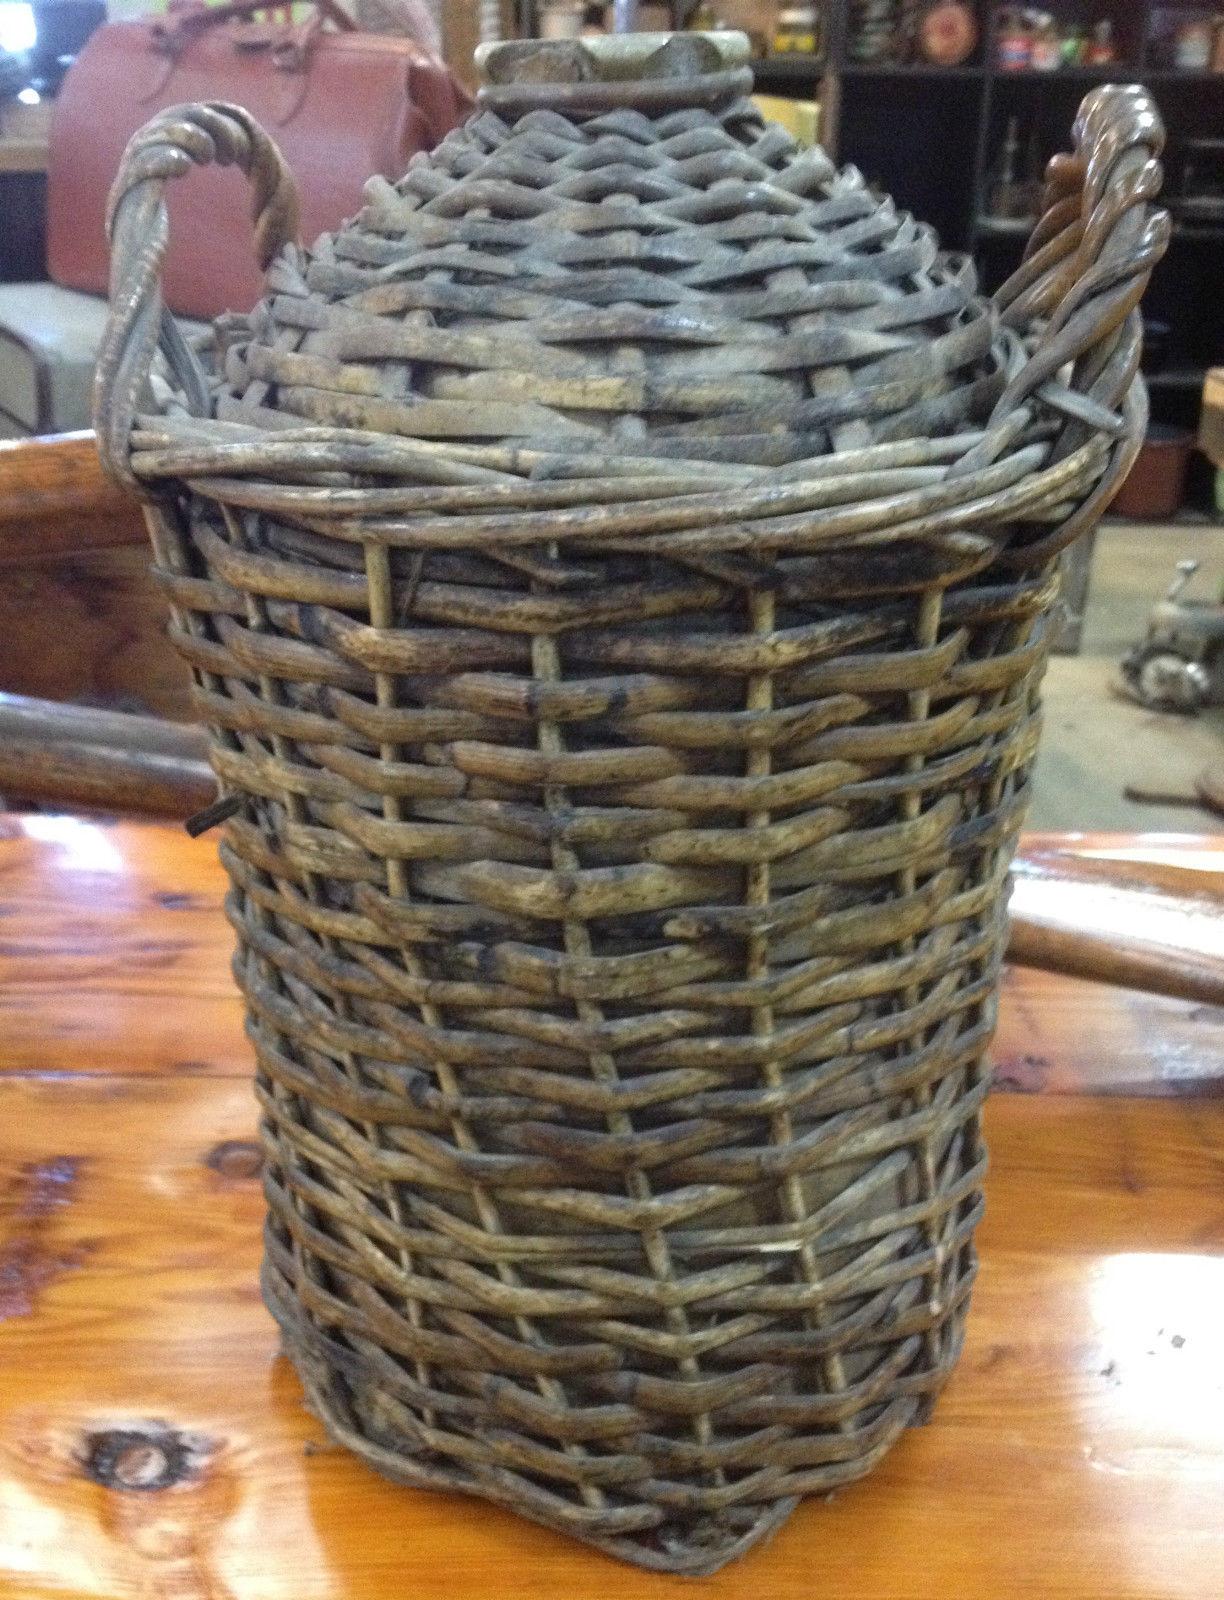 Large Vintage Antique Demijohn Jug Bottle In Wicker Cane Basker With Handles   Melbourne   Halsey Road Recyclers